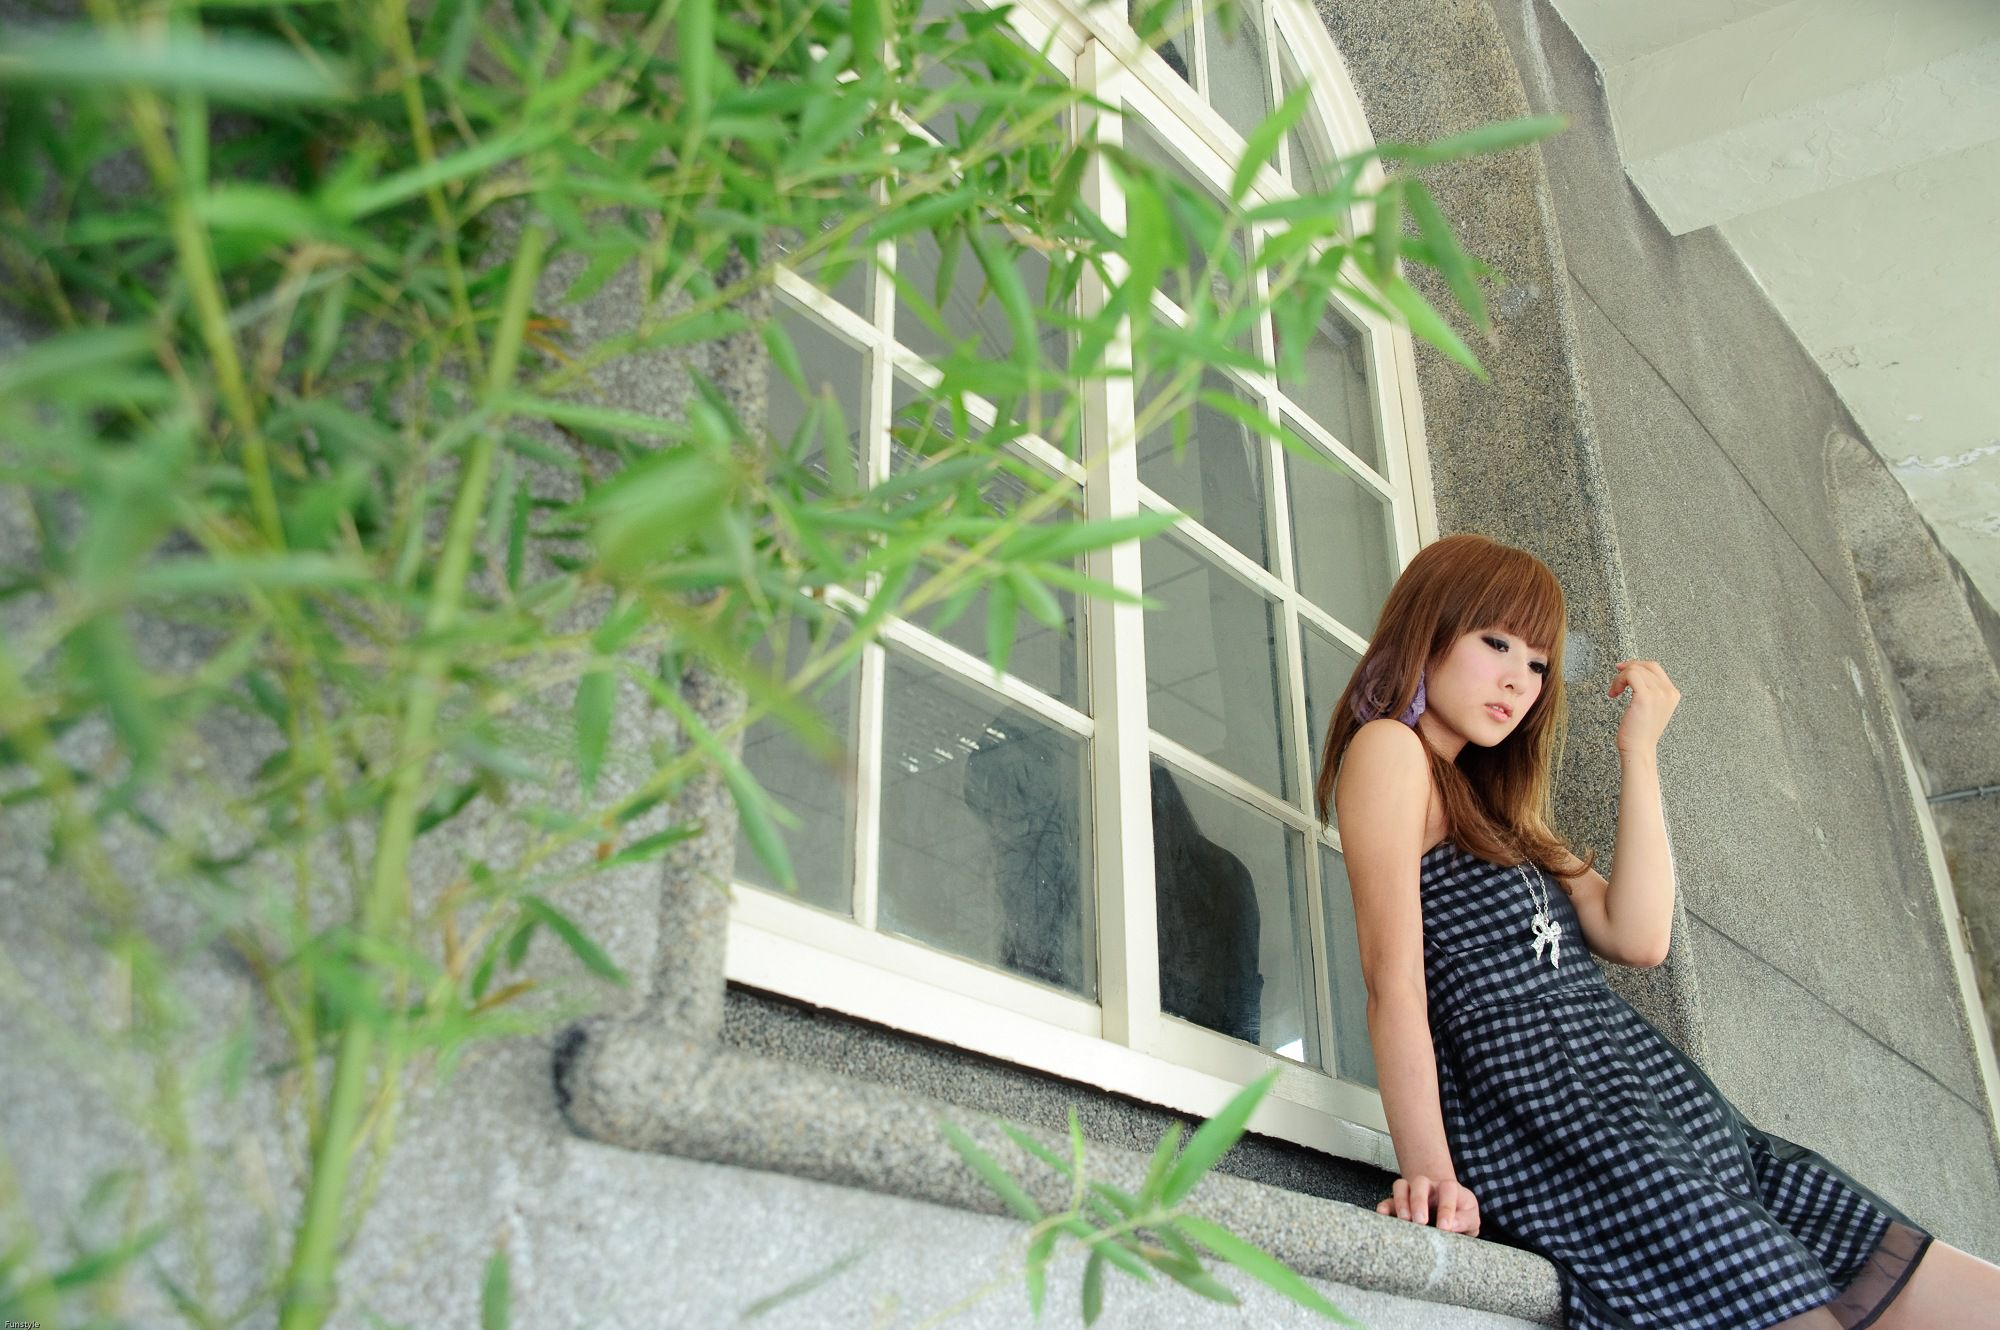 VOL.837 [网络美女]清新外拍长靴美女:张凯洁(张允霏,果子MM)高品质写真套图(109P)